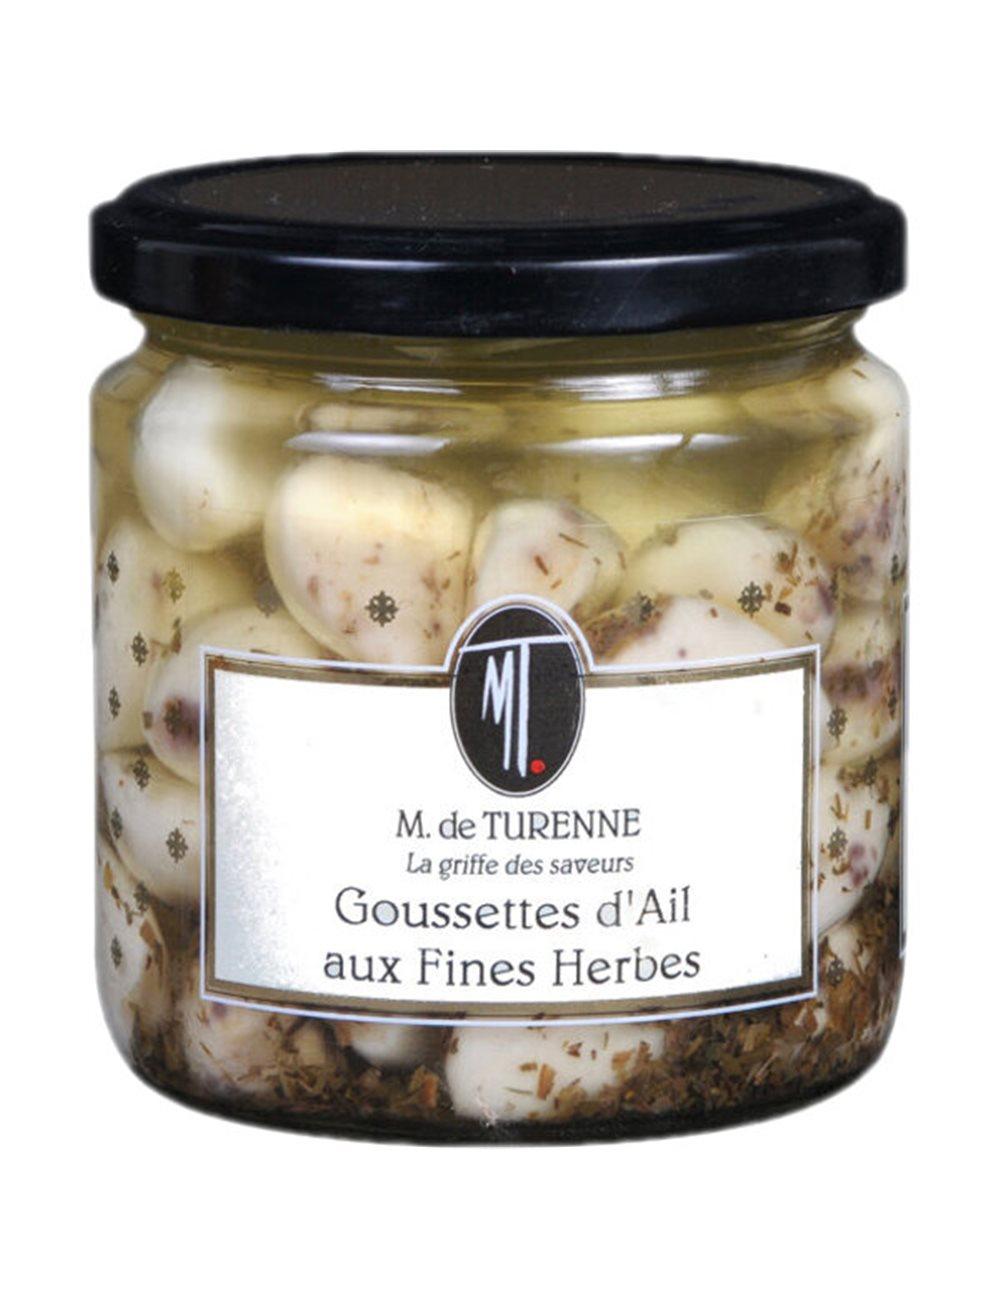 Goussettes D'Ail Aux Fines Herbes 350ml